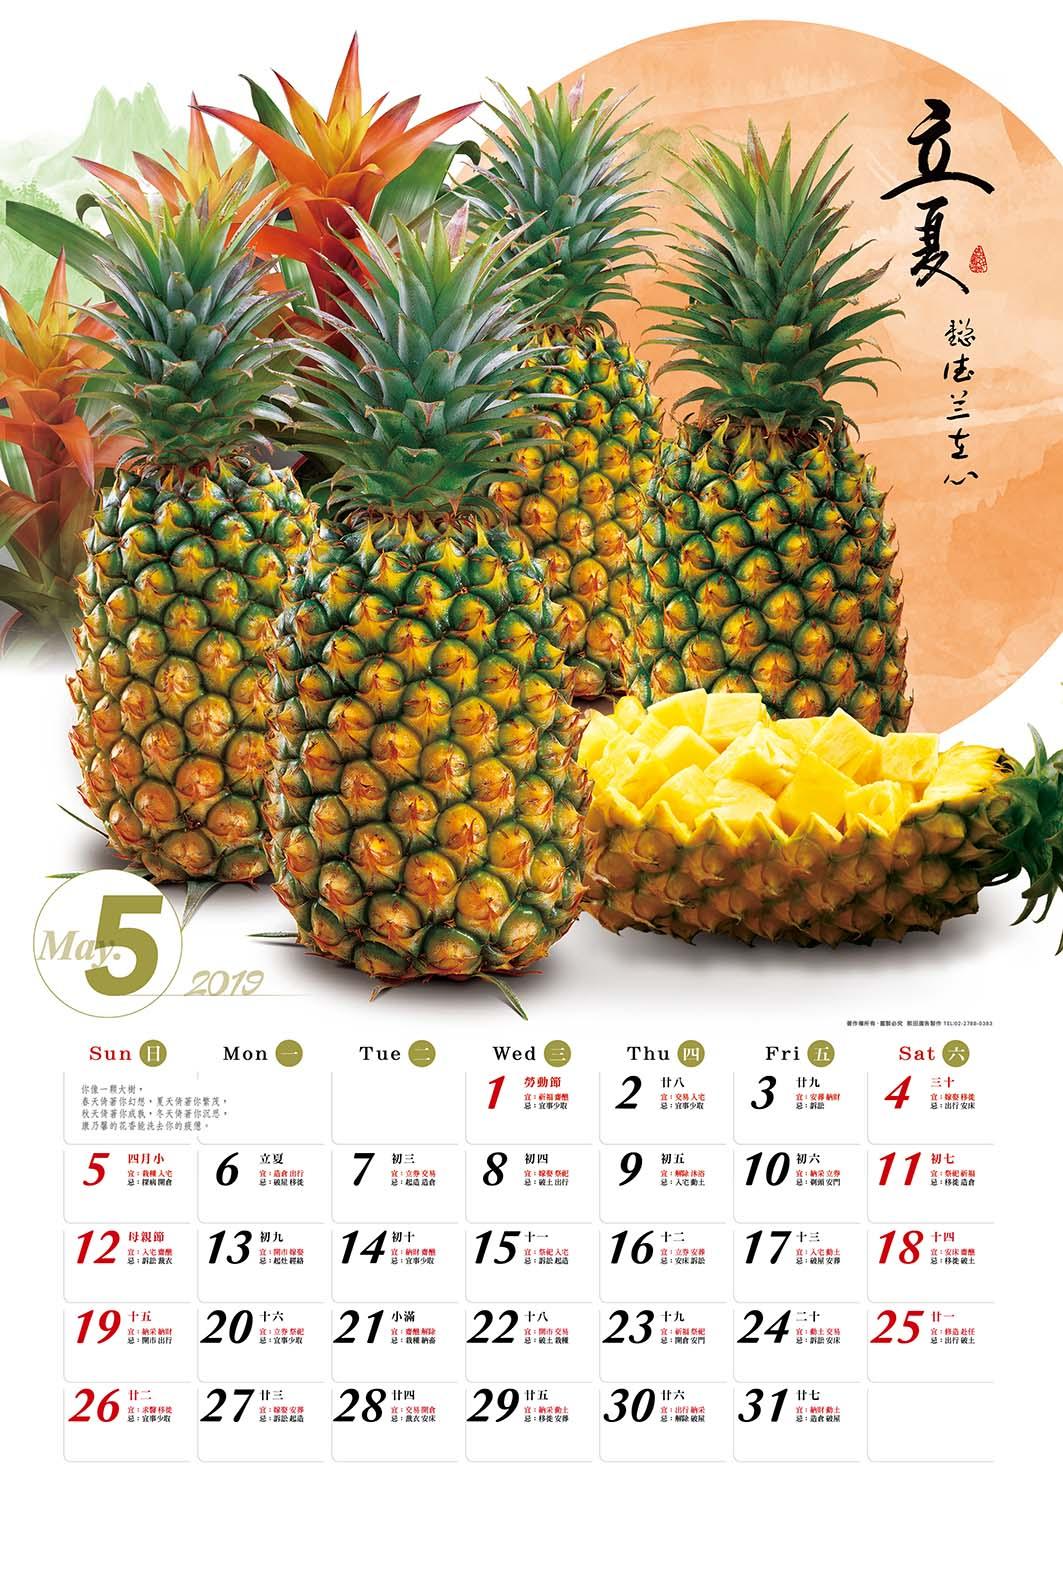 A02_水果月曆封面_5月.jpg